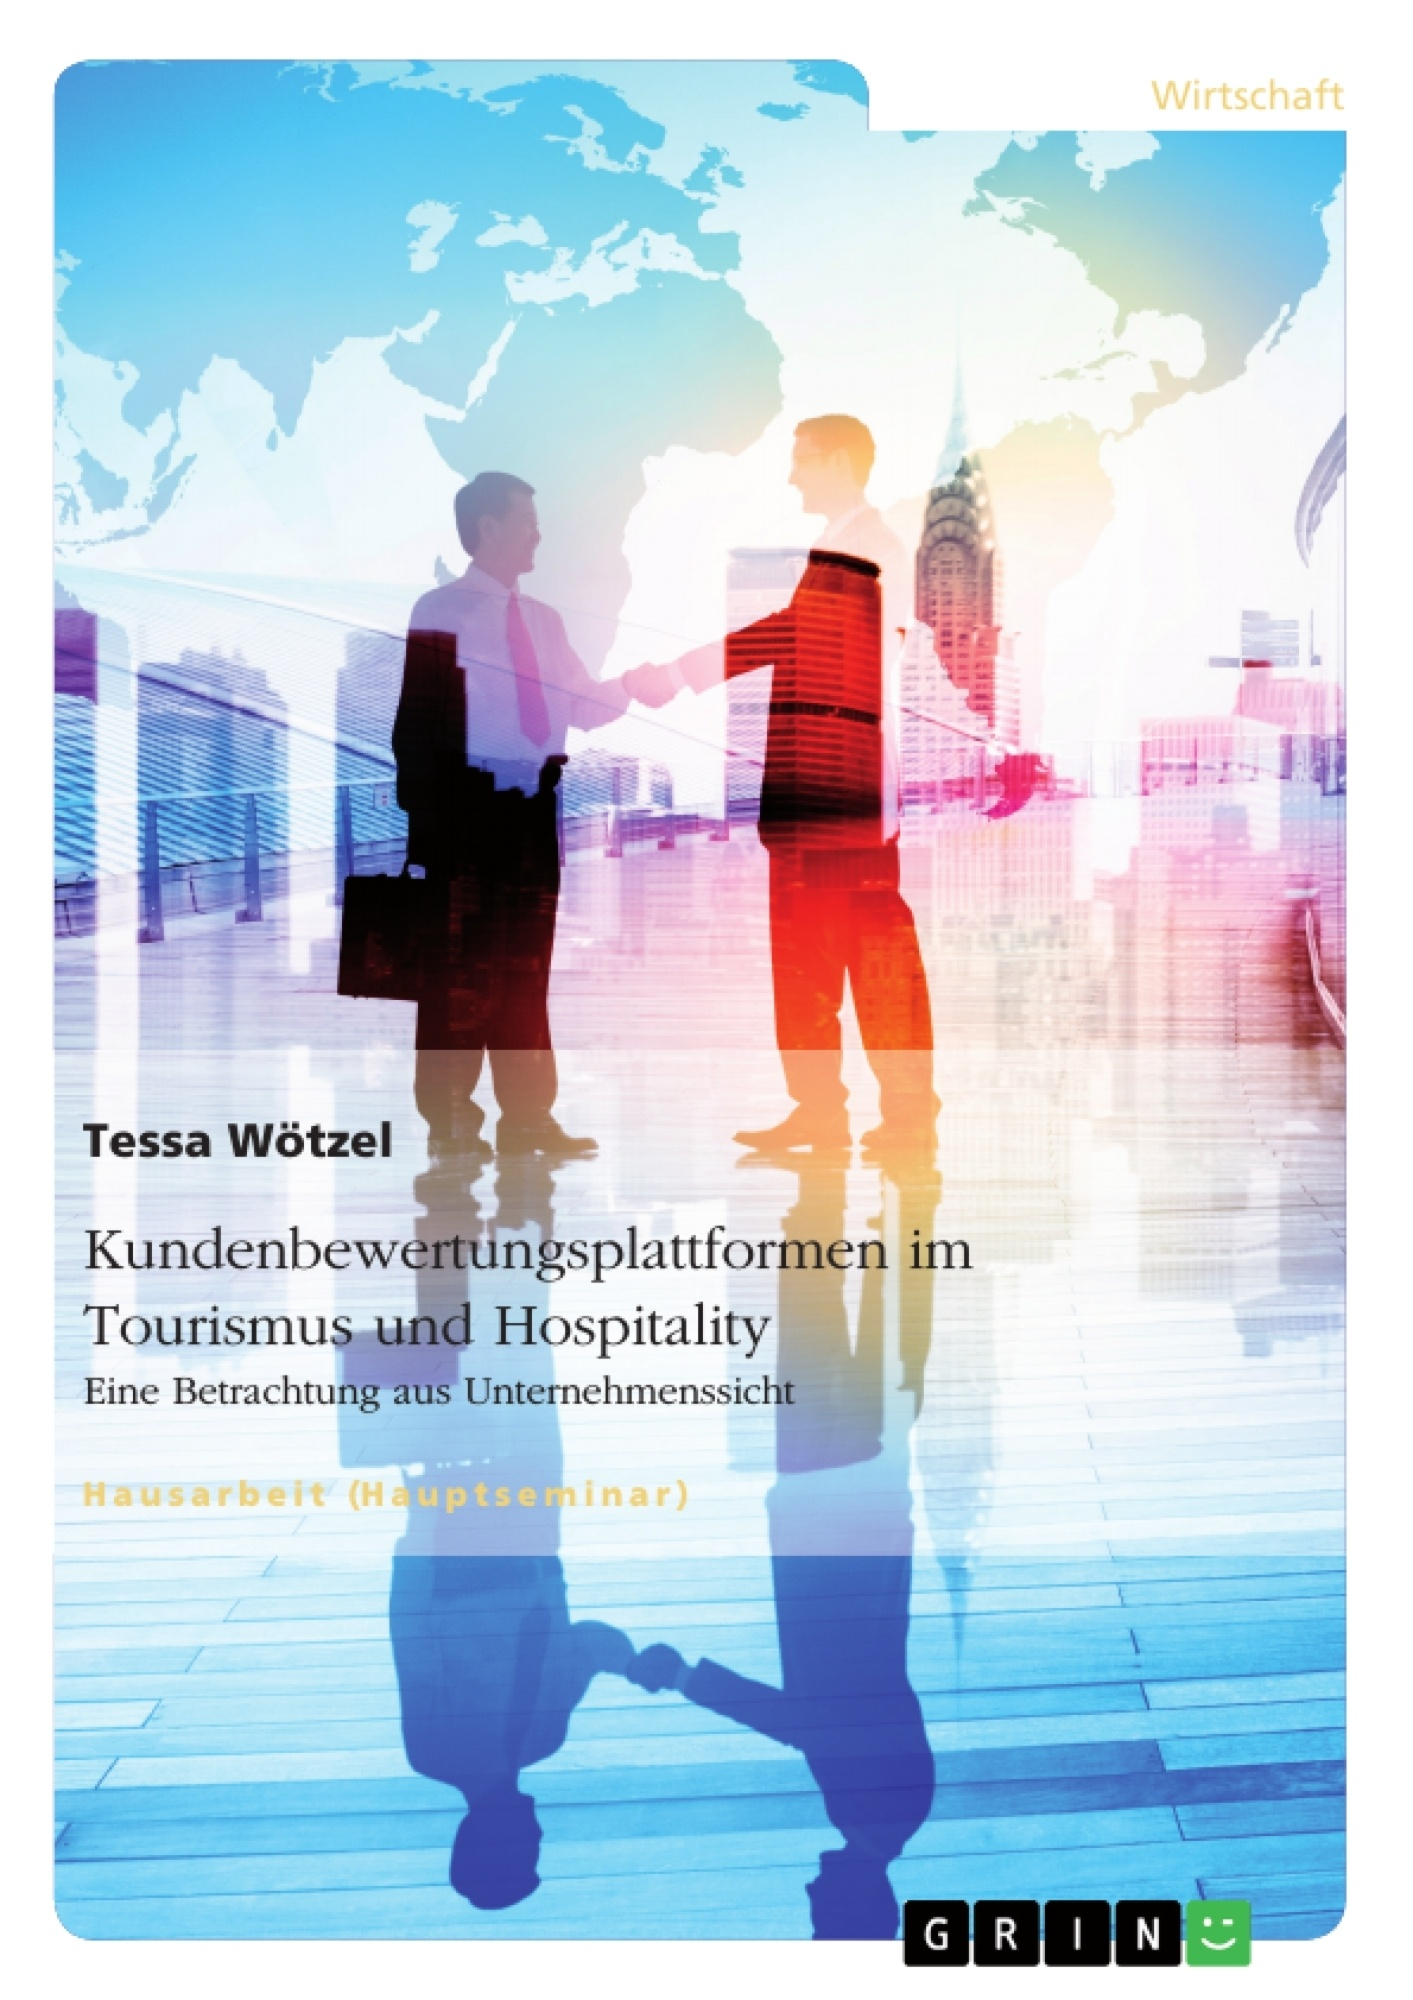 Titel: Kundenbewertungsplattformen im Tourismus und Hospitality. Eine Betrachtung aus Unternehmenssicht